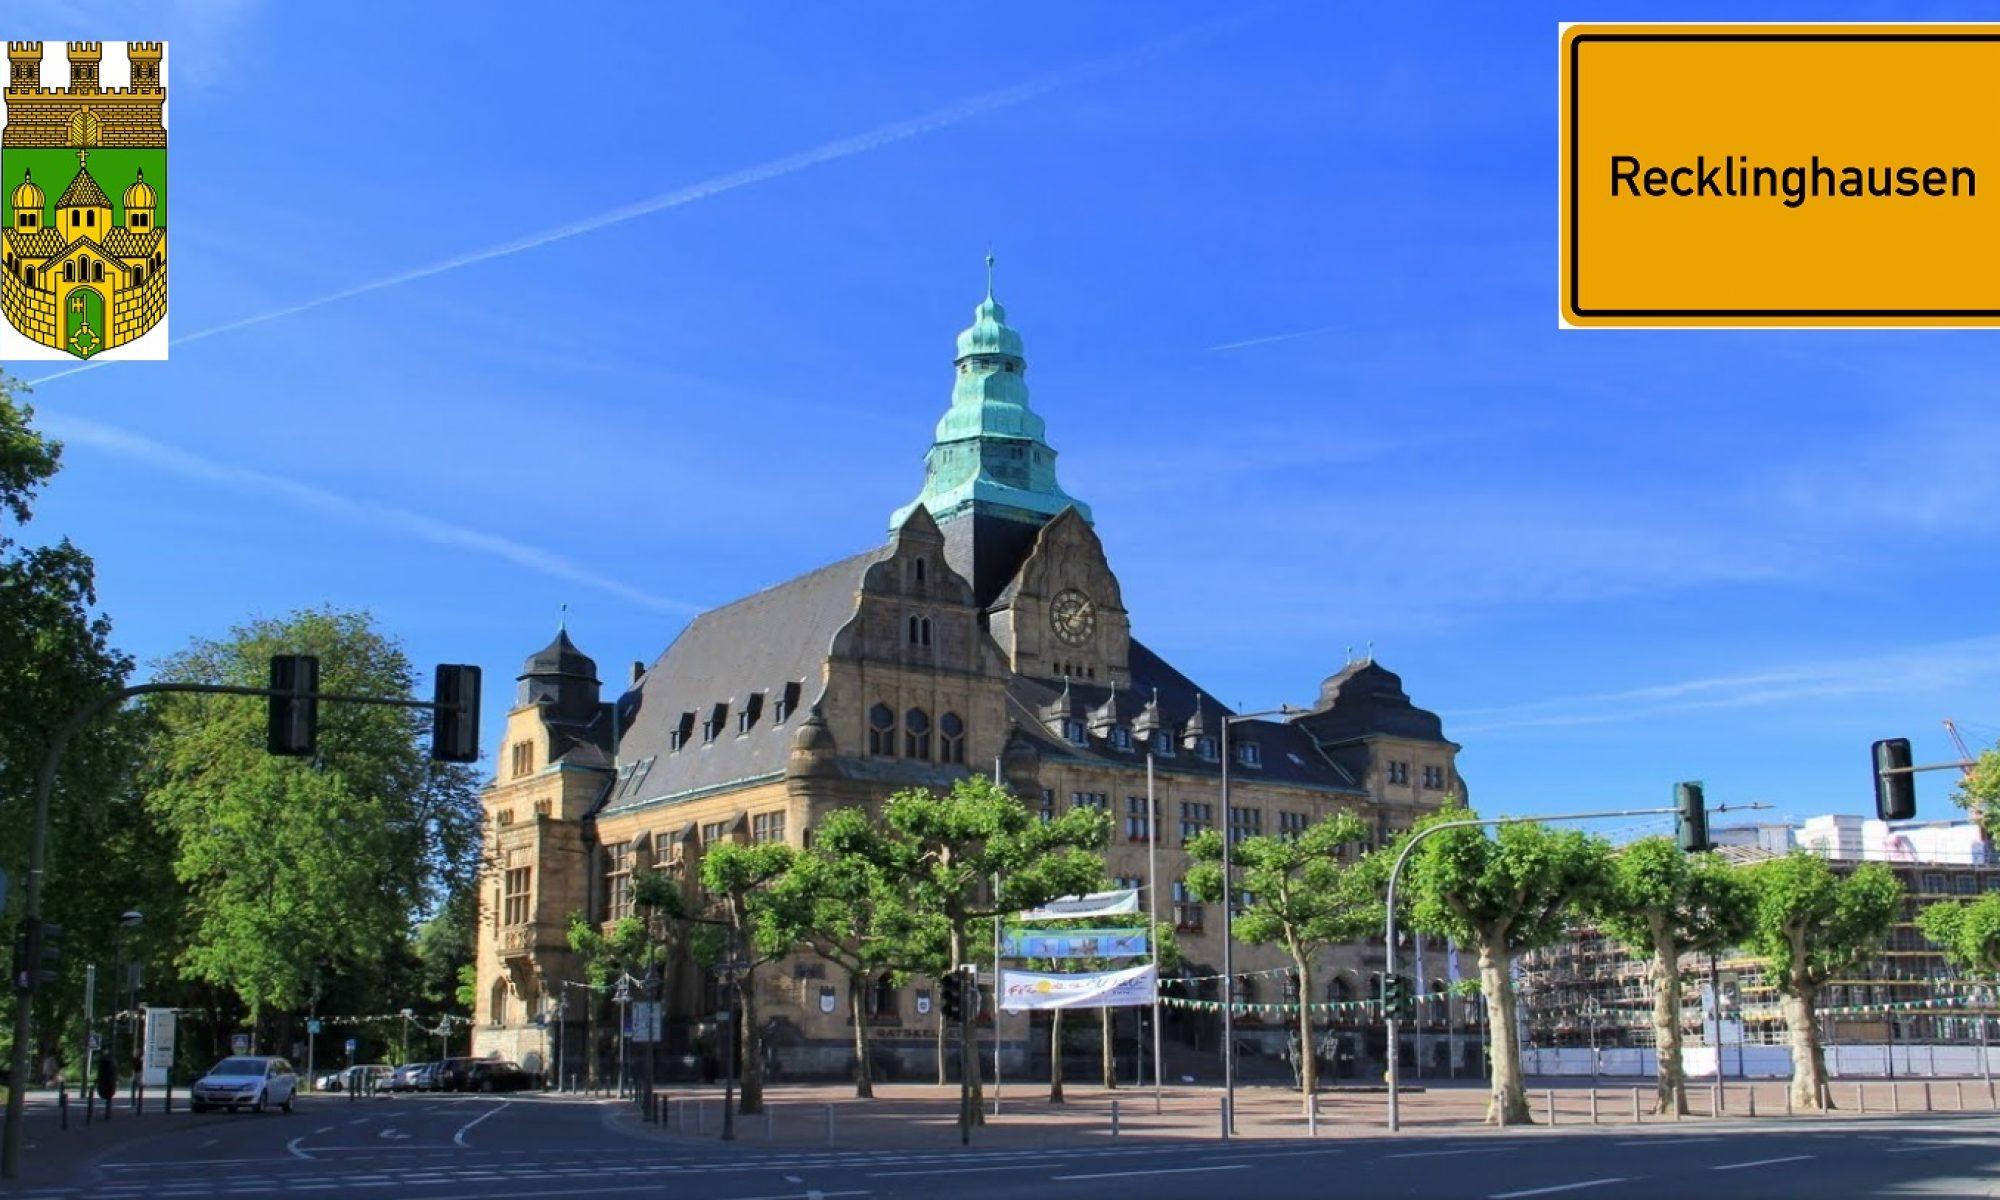 Monteur- und Ferienwohnung in Recklinghausen